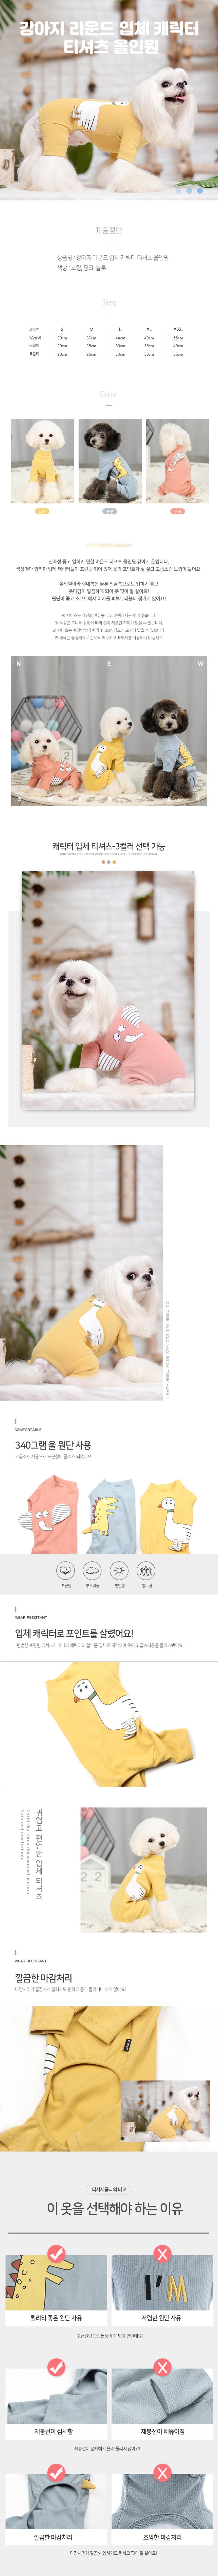 애견 입체 캐릭터 라운드 티셔츠 올인원 오리 노랑 - 멍뭉스, 19,800원, 의류/액세서리, 의류